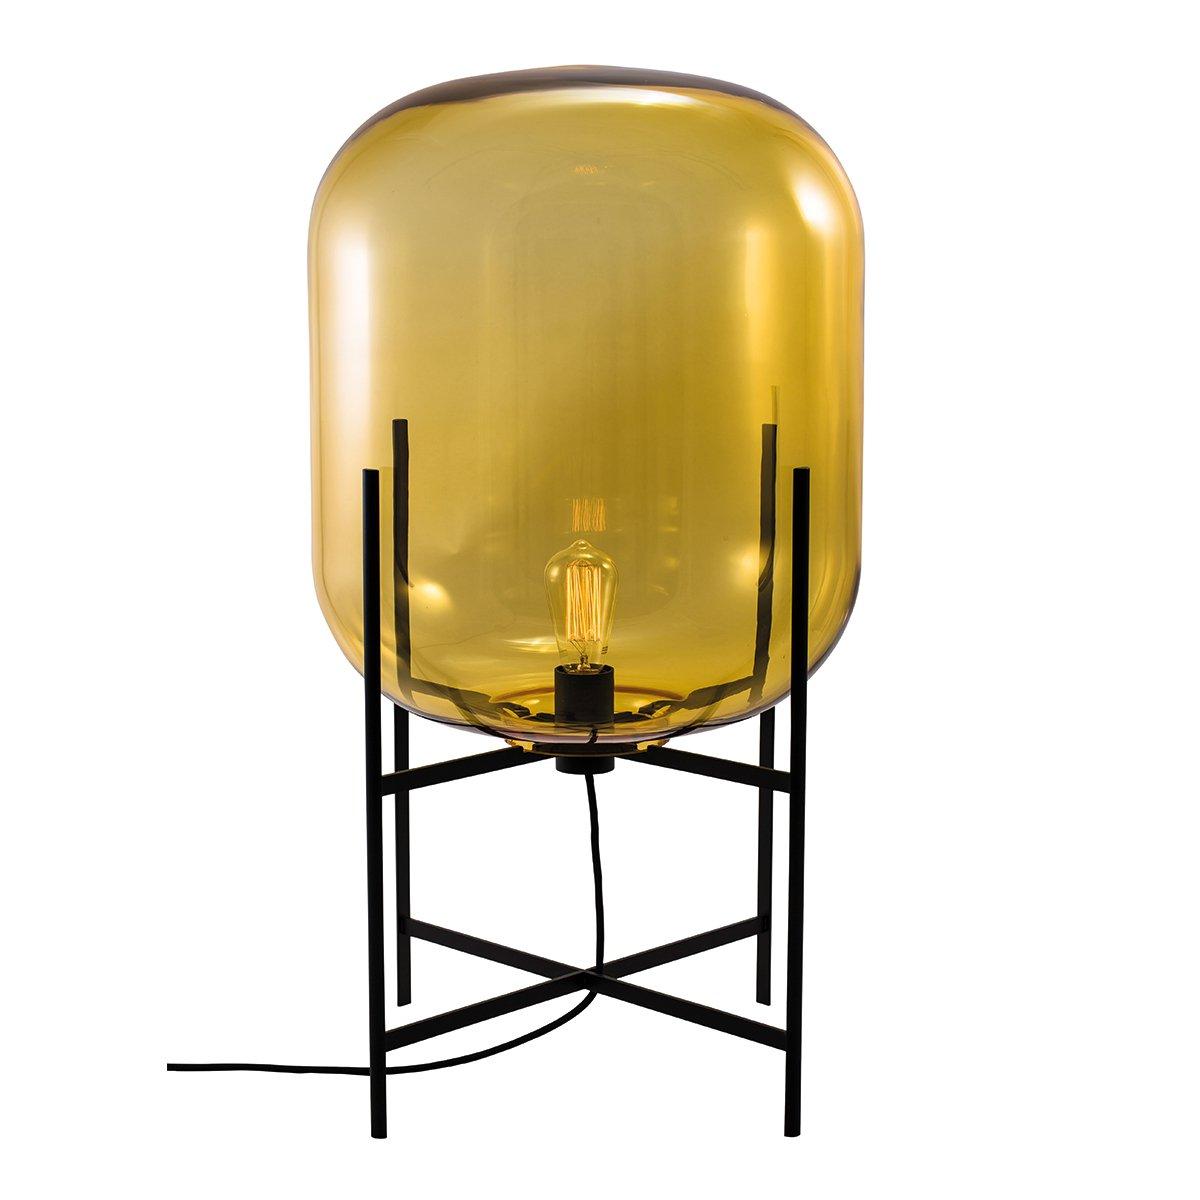 Pulpo Oda Vloerlamp Medium (2014) - Amber - Zwart